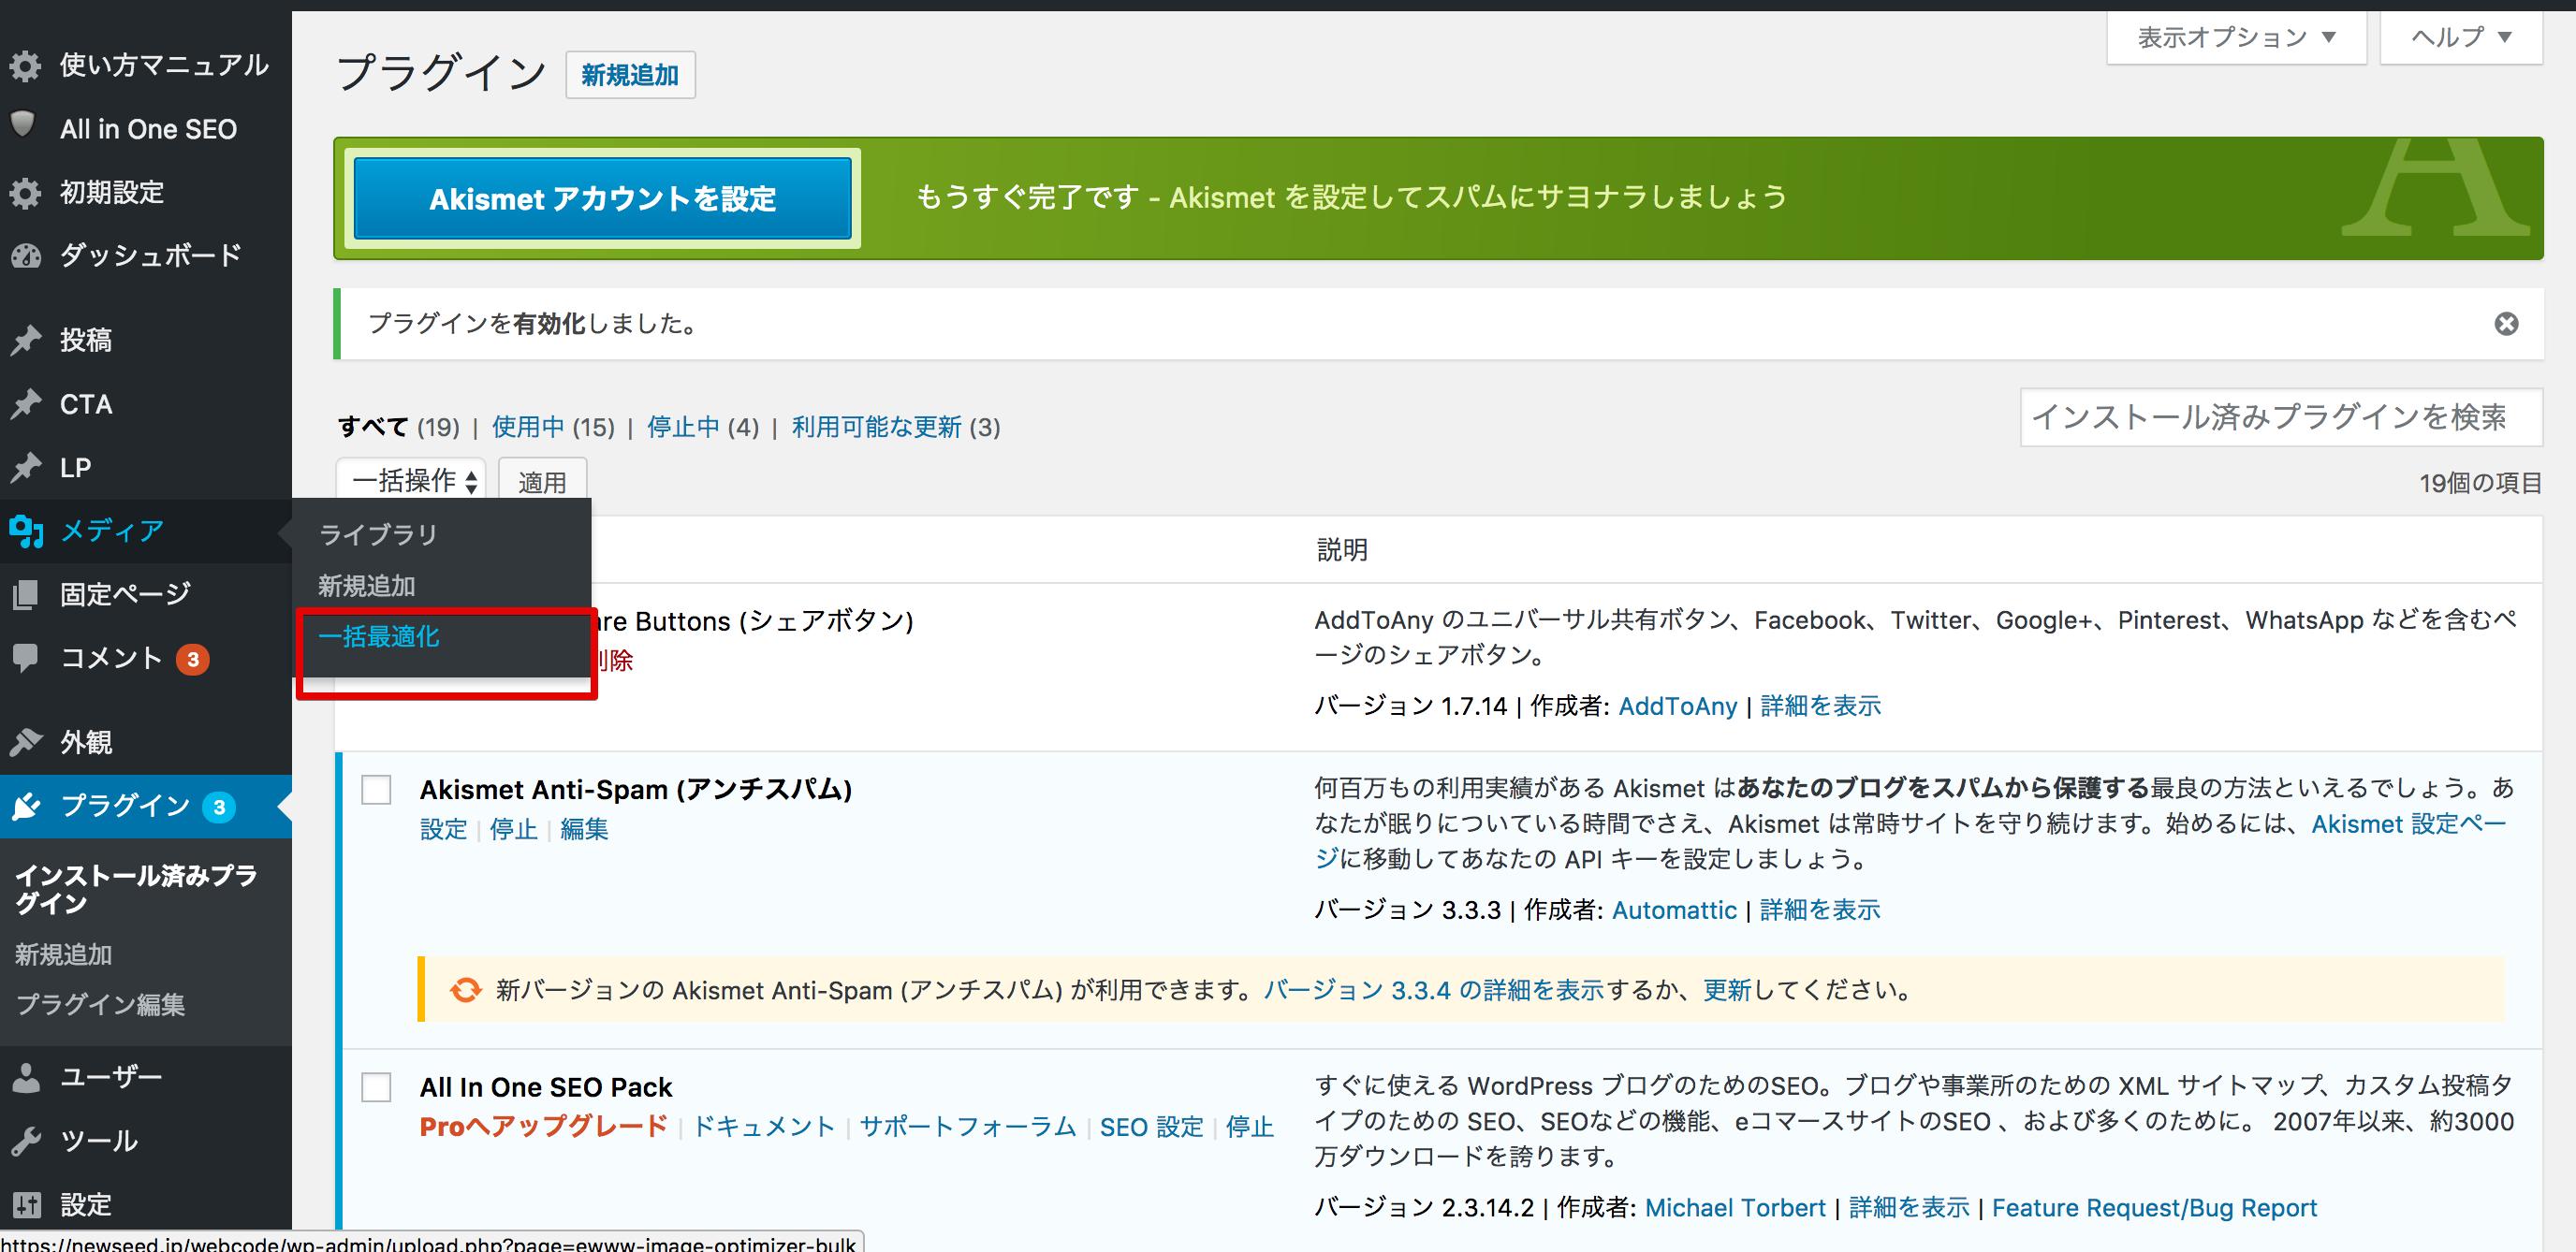 ec6046fa2b6bb20e60a11b0ea0a9f42b - wordpress高速化とプラグイン比較!ユーザービリティ向上の4ステップ